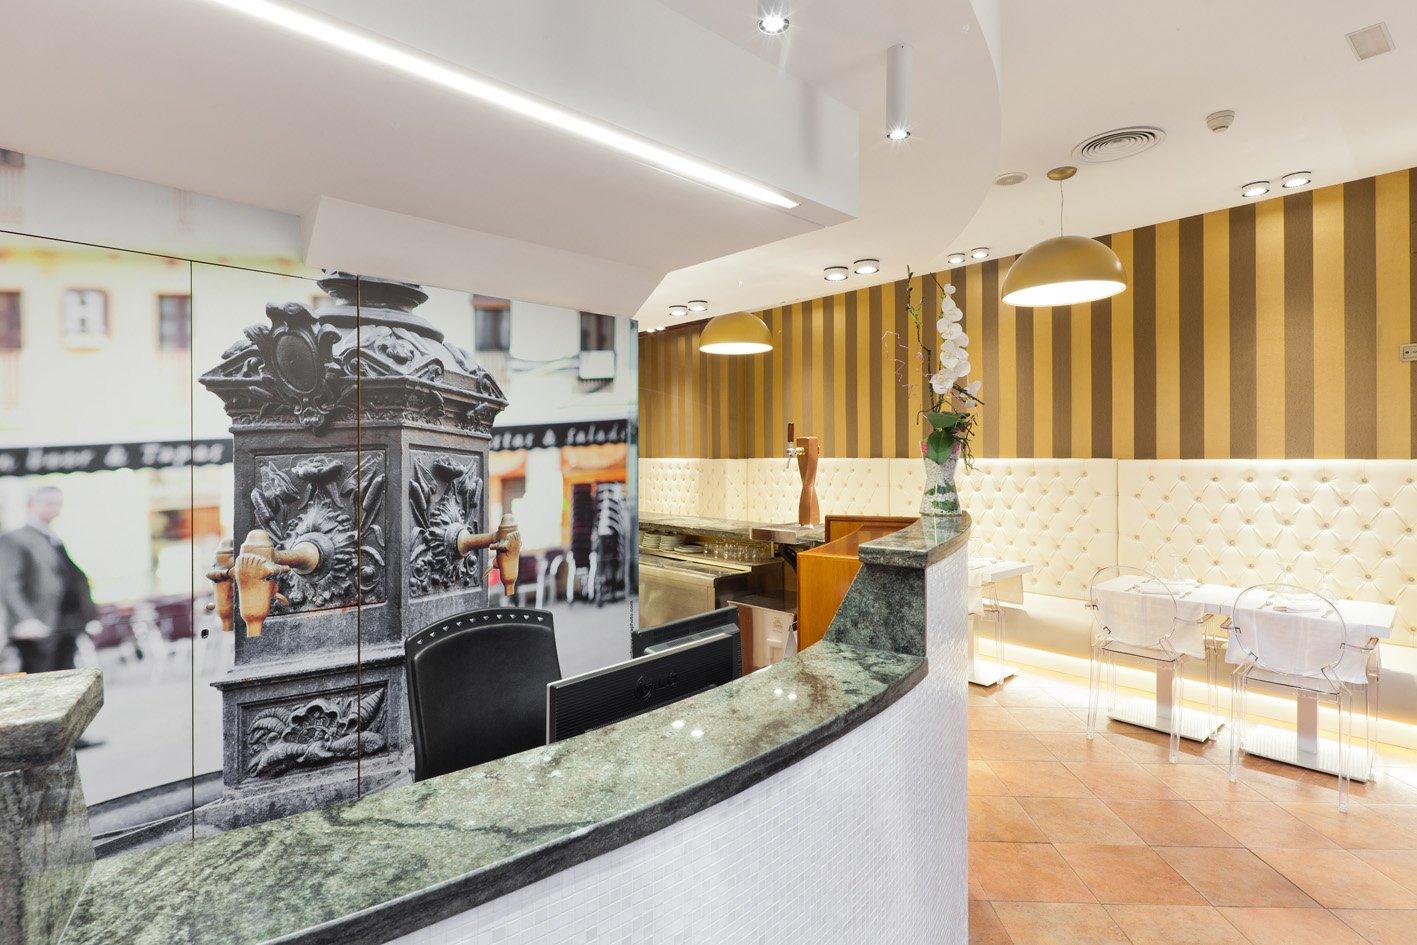 hotel_la_fontnombre_del_documento_29-c5918377391494536542dd0054460b02